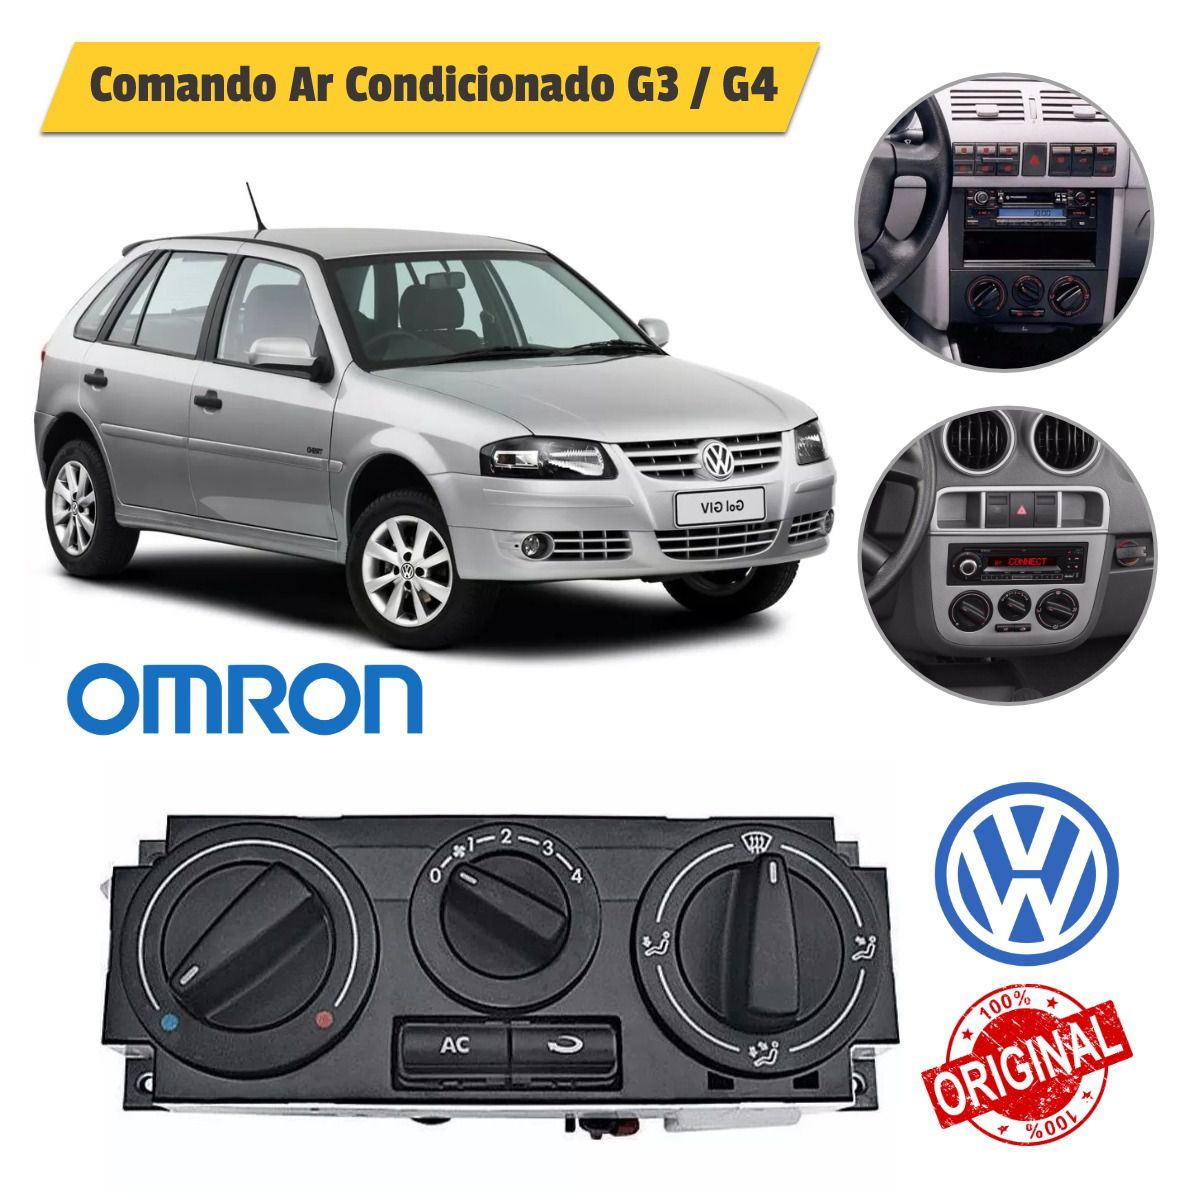 Comando Ar Condicionado WV Gol G3 / G4 Original - Omron